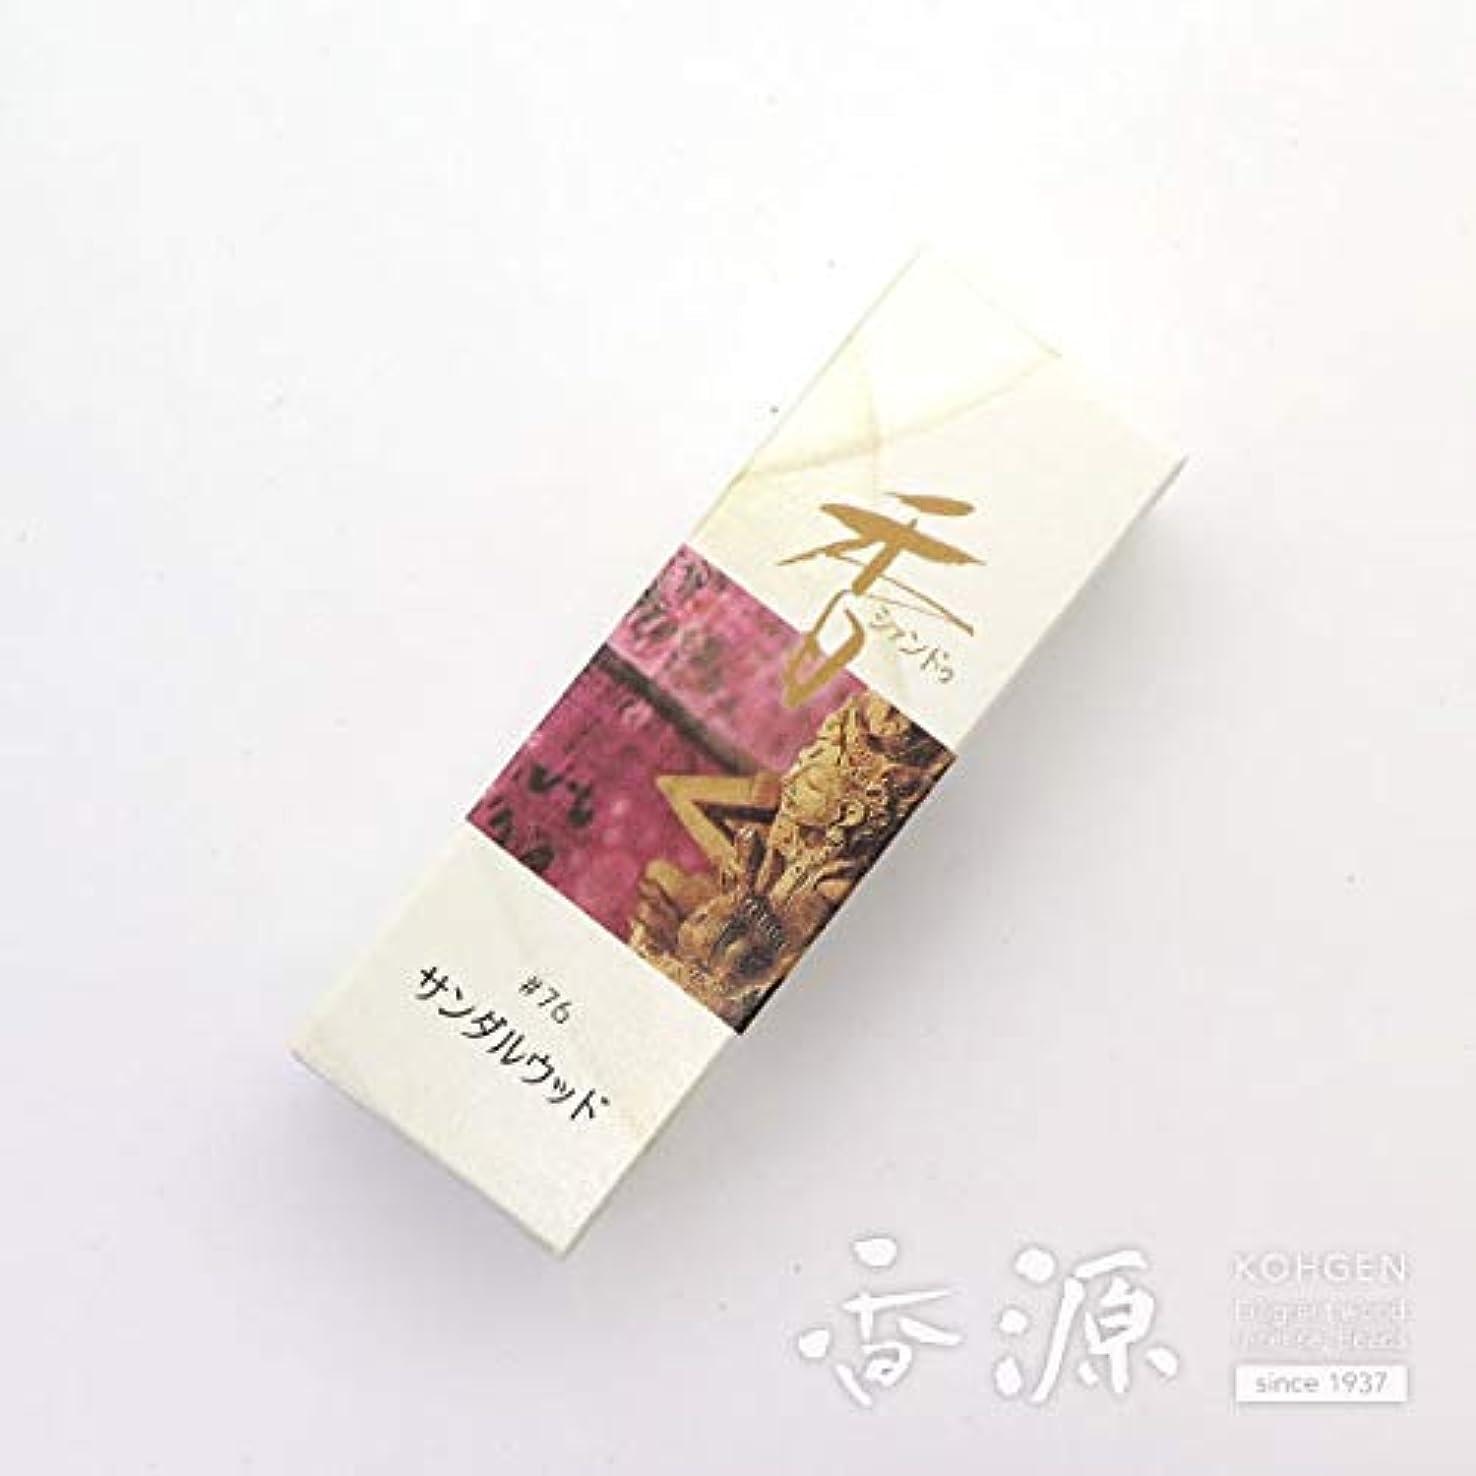 是正再生可能酸松栄堂のお香 Xiang Do サンダルウッド ST20本入 簡易香立付 #214276